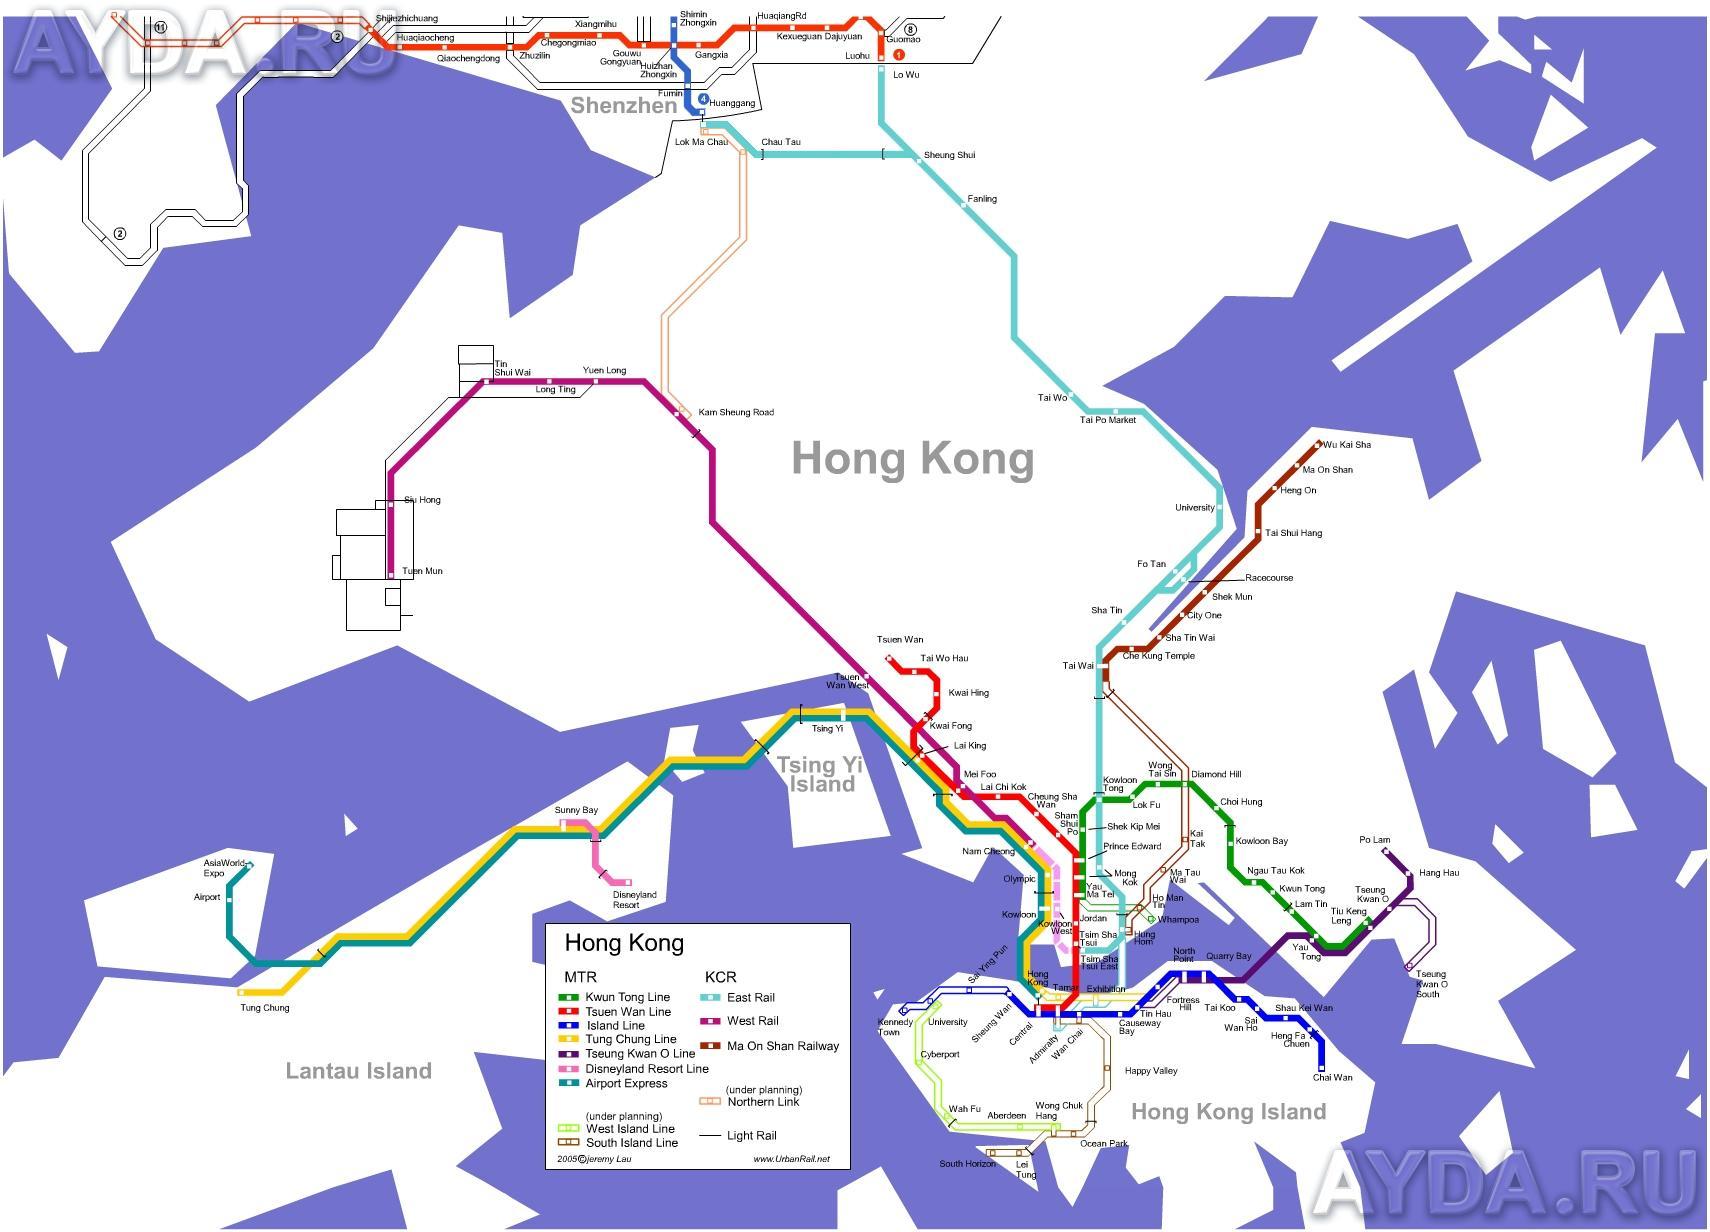 http://www.nemiga.info/karta/hong-kong/hong-kong-metro-map.jpg